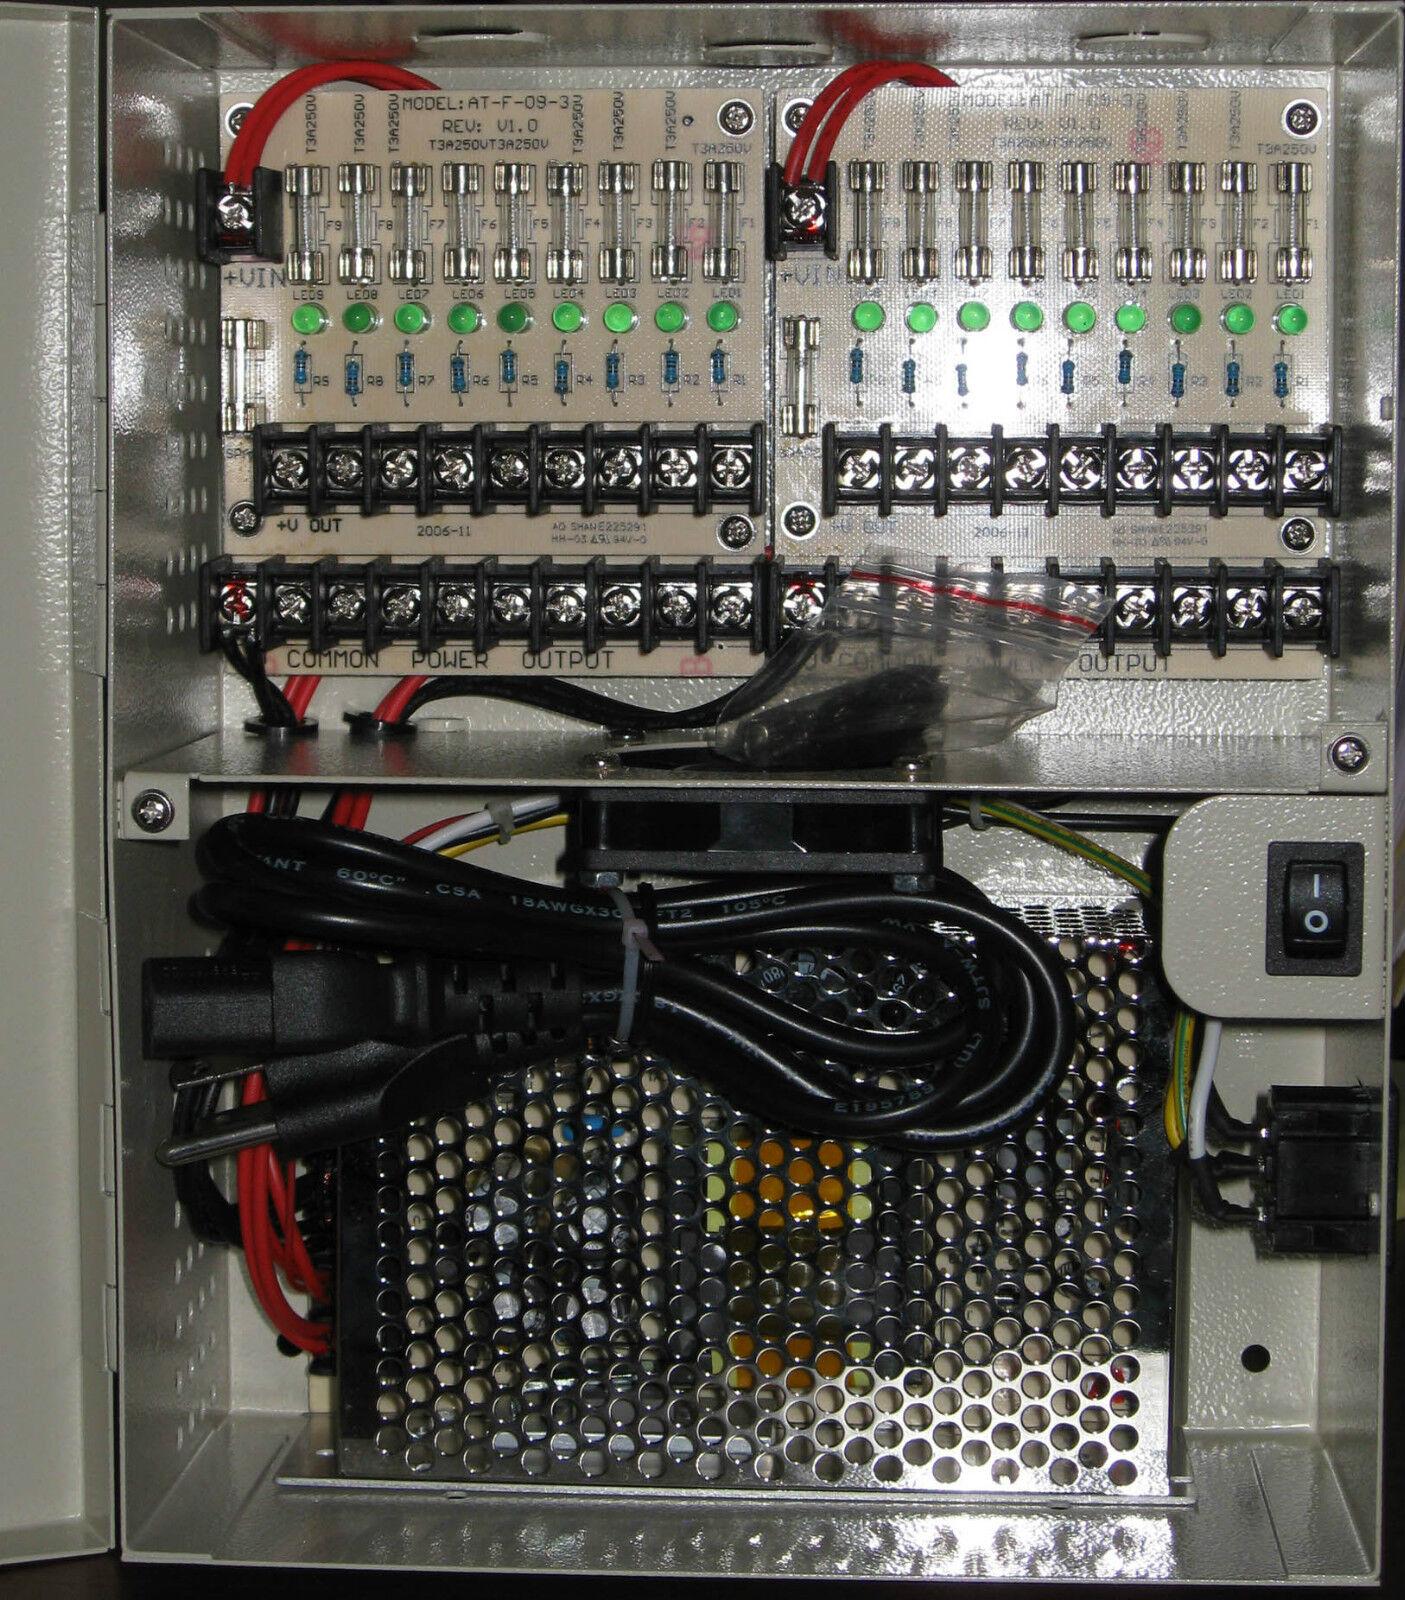 18 Canaux Vidéo Caméra Sécurité CCTV 12 Volts Alimentation Électrique Boîte 12v